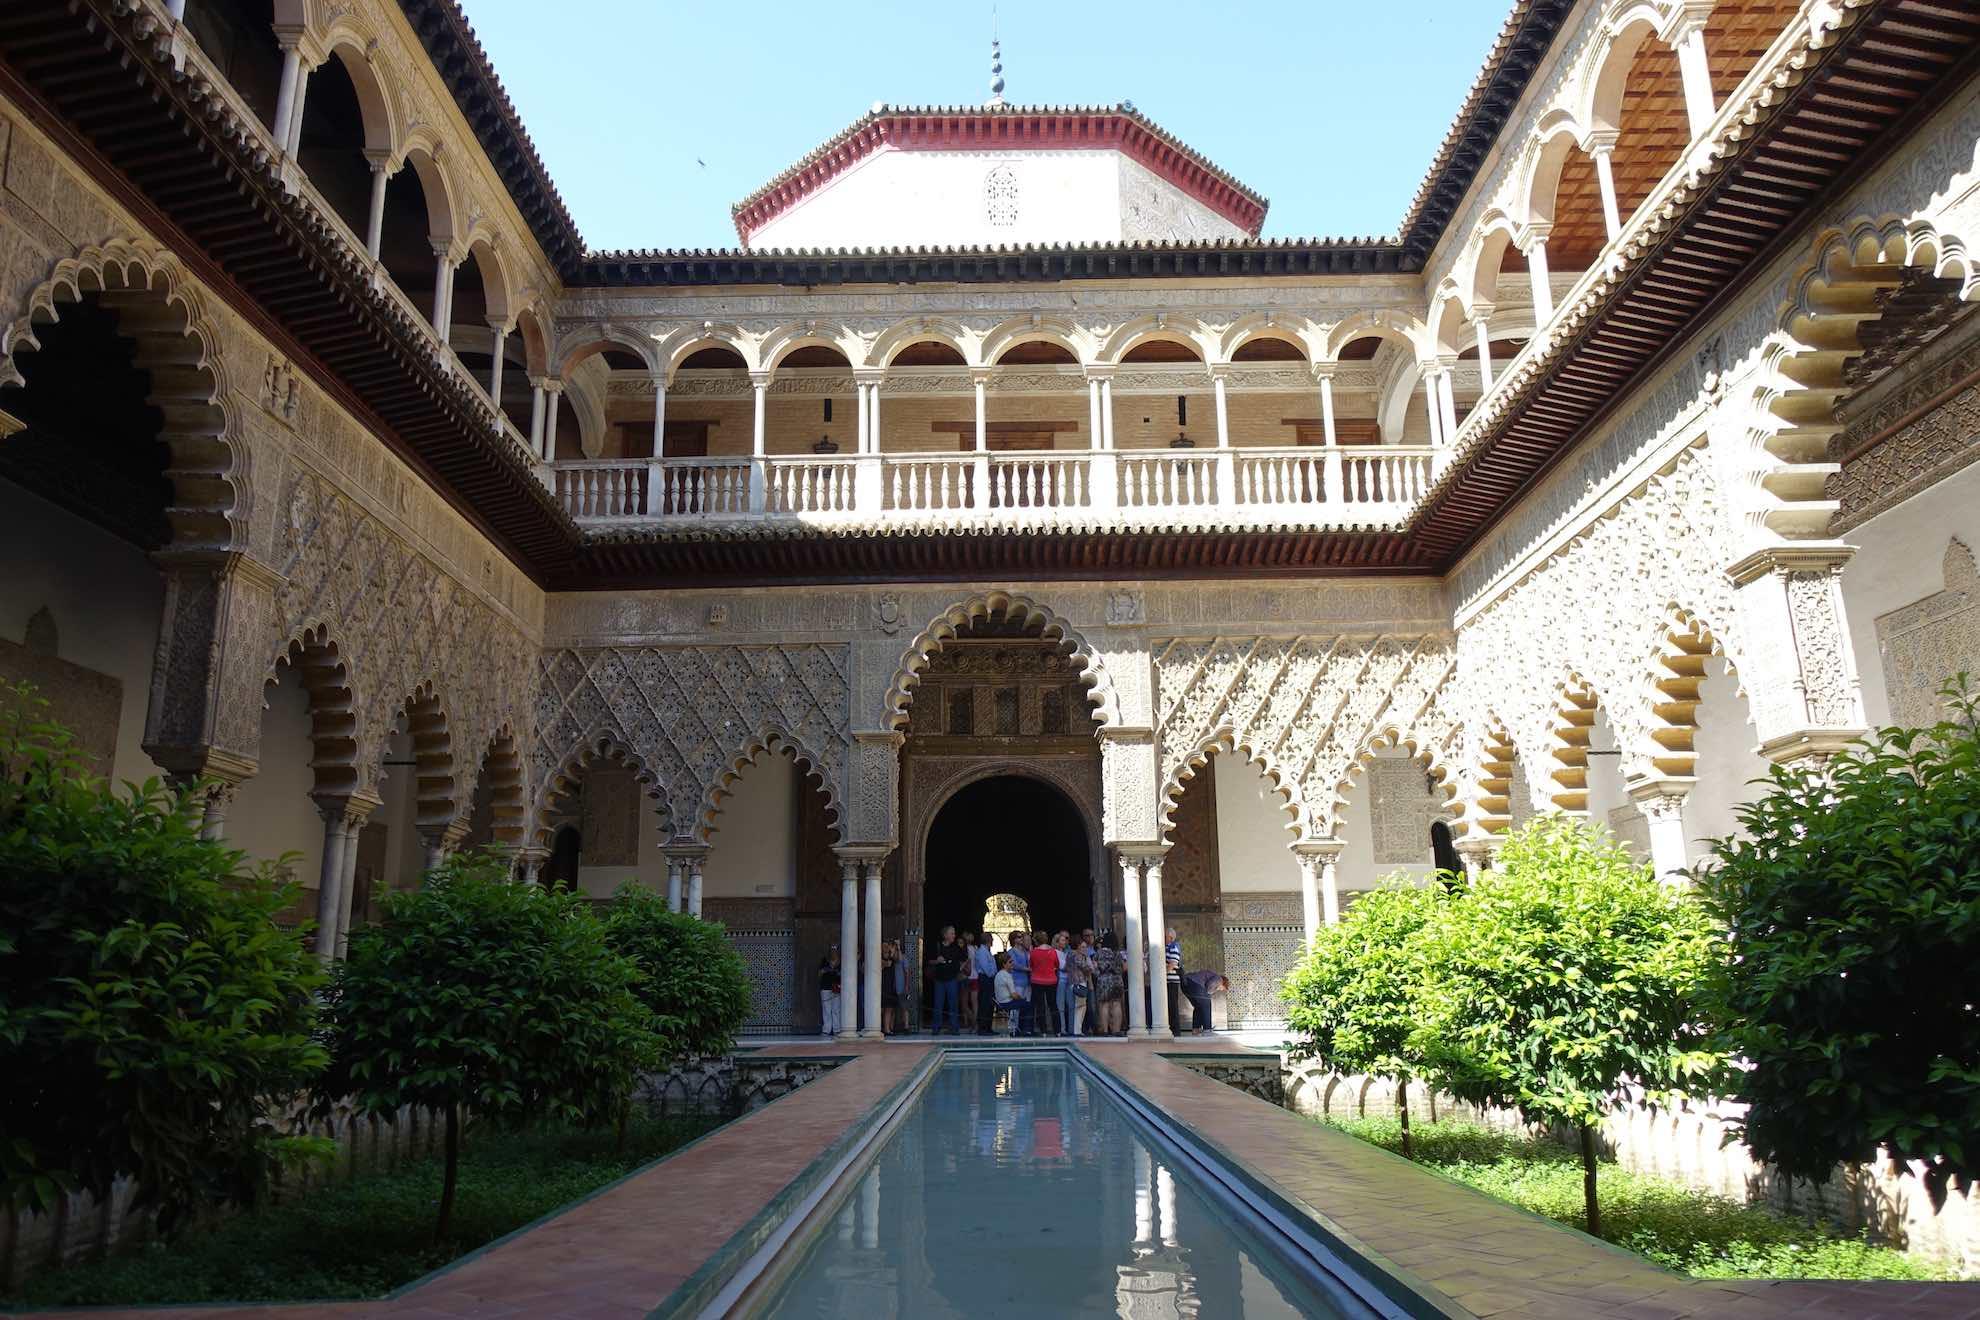 Der Real Alcázar Palastkomplex spiegelt die vielfältige Geschichte Andalusiens wieder.